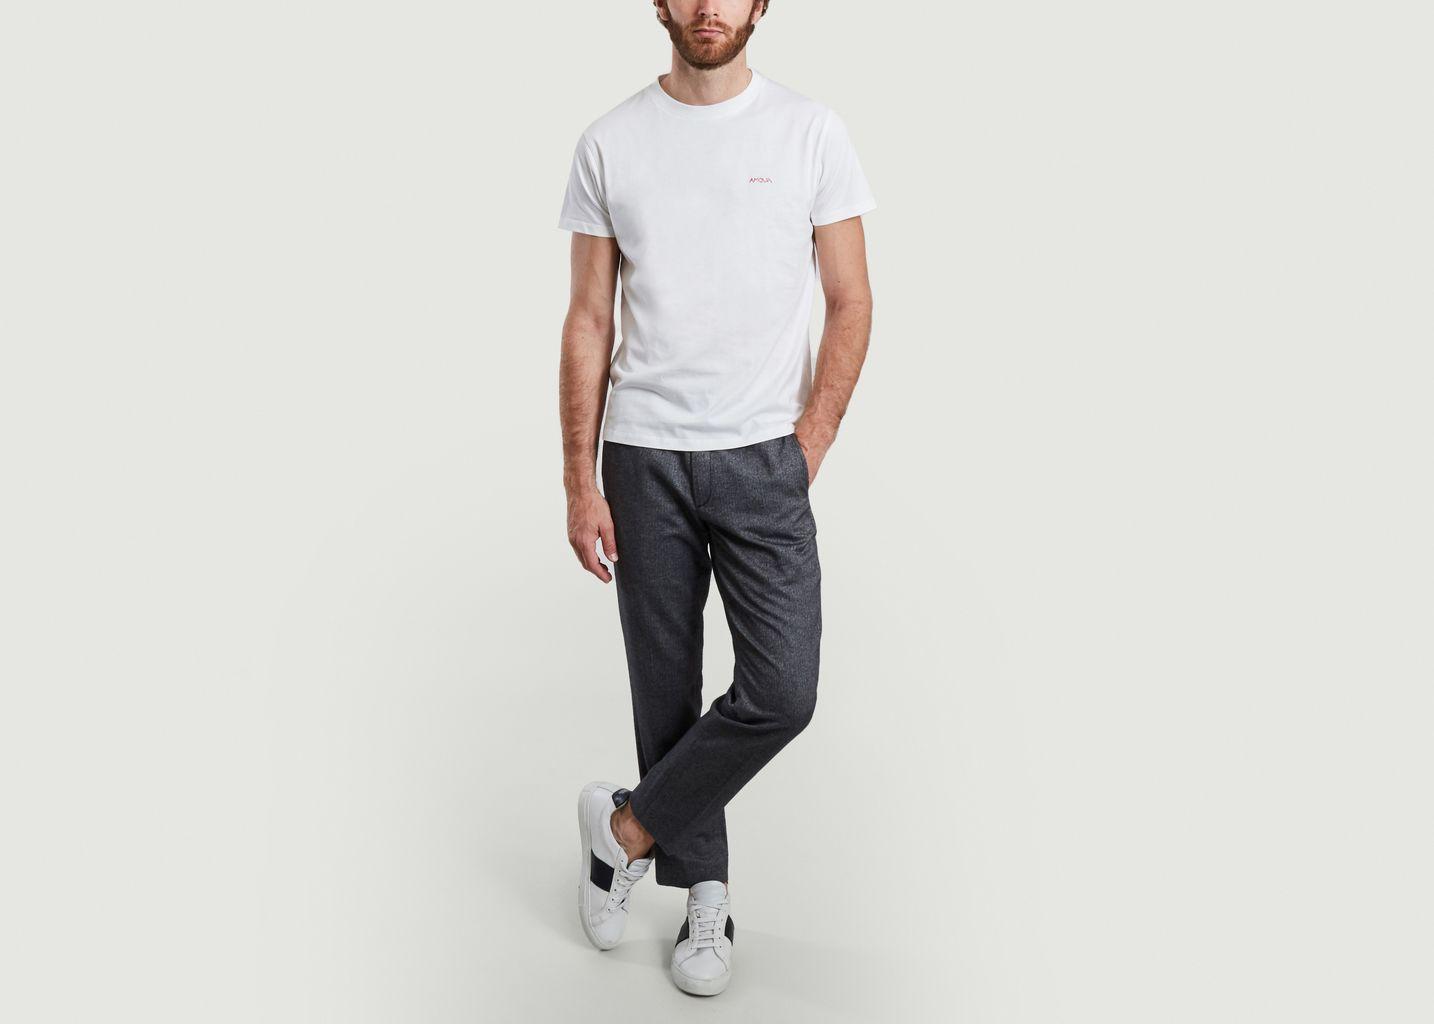 Pantalon Drawstring - Maison Labiche